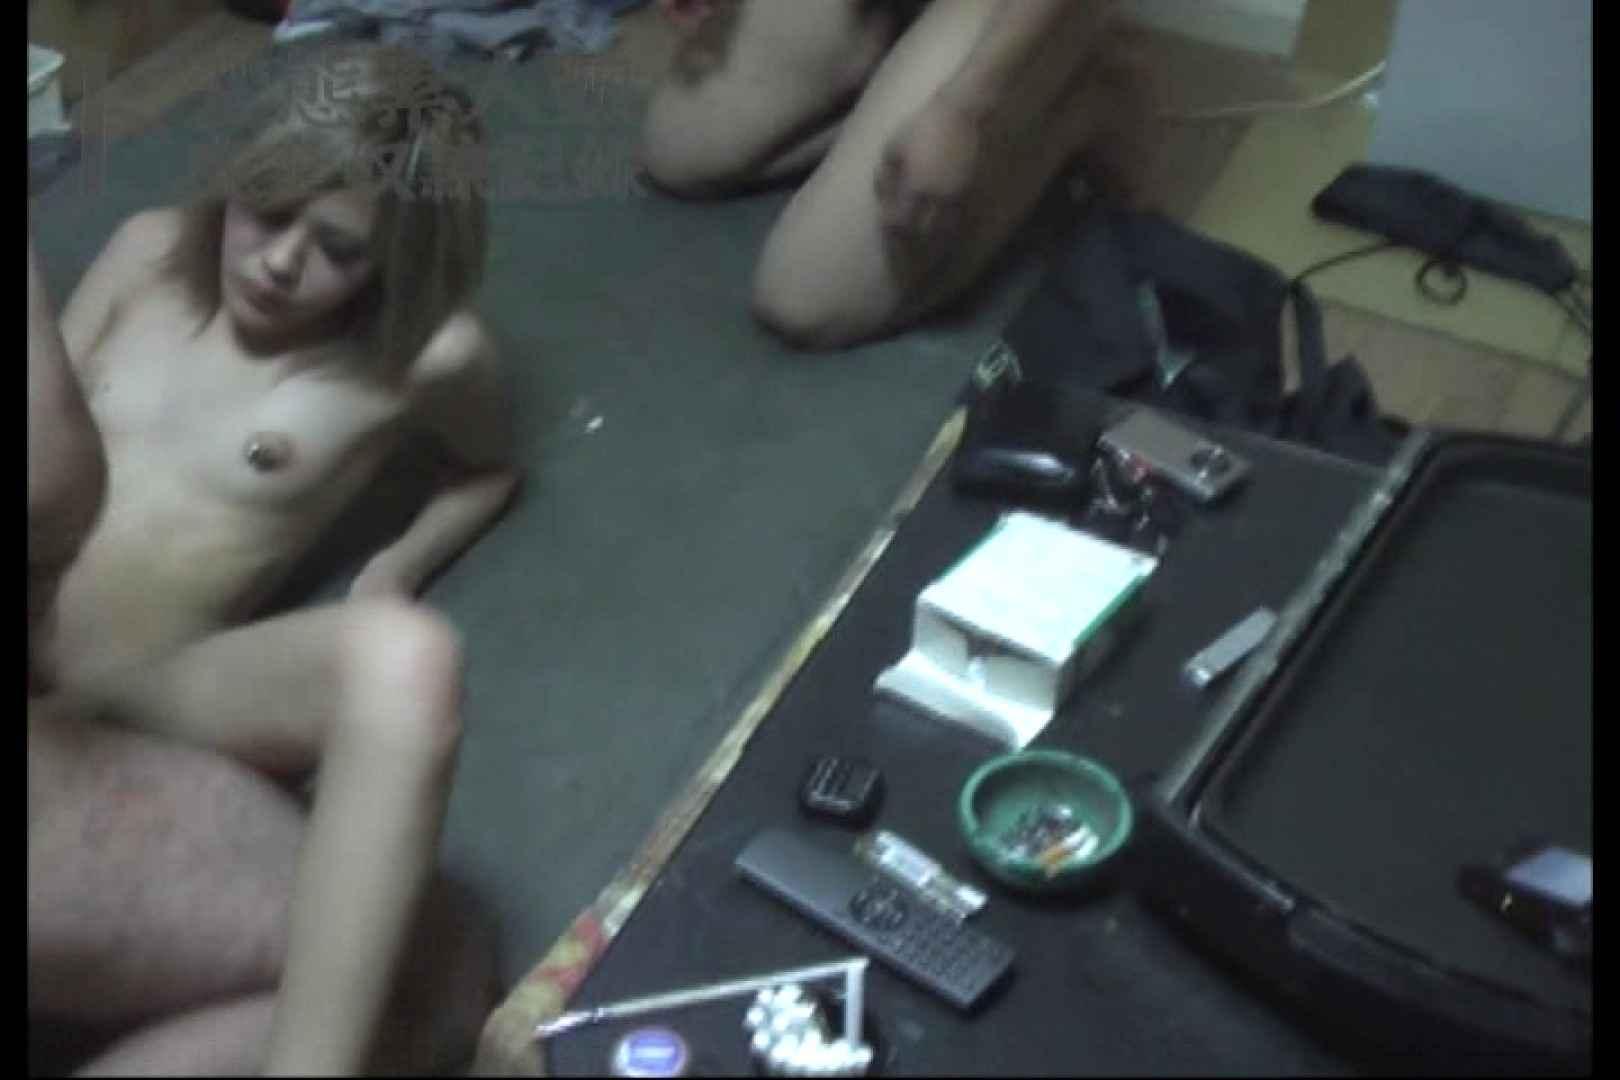 ド変態素人嬢完全奴隷記録 ~其の陸~後編 SEX映像 盗み撮り動画 93pic 10